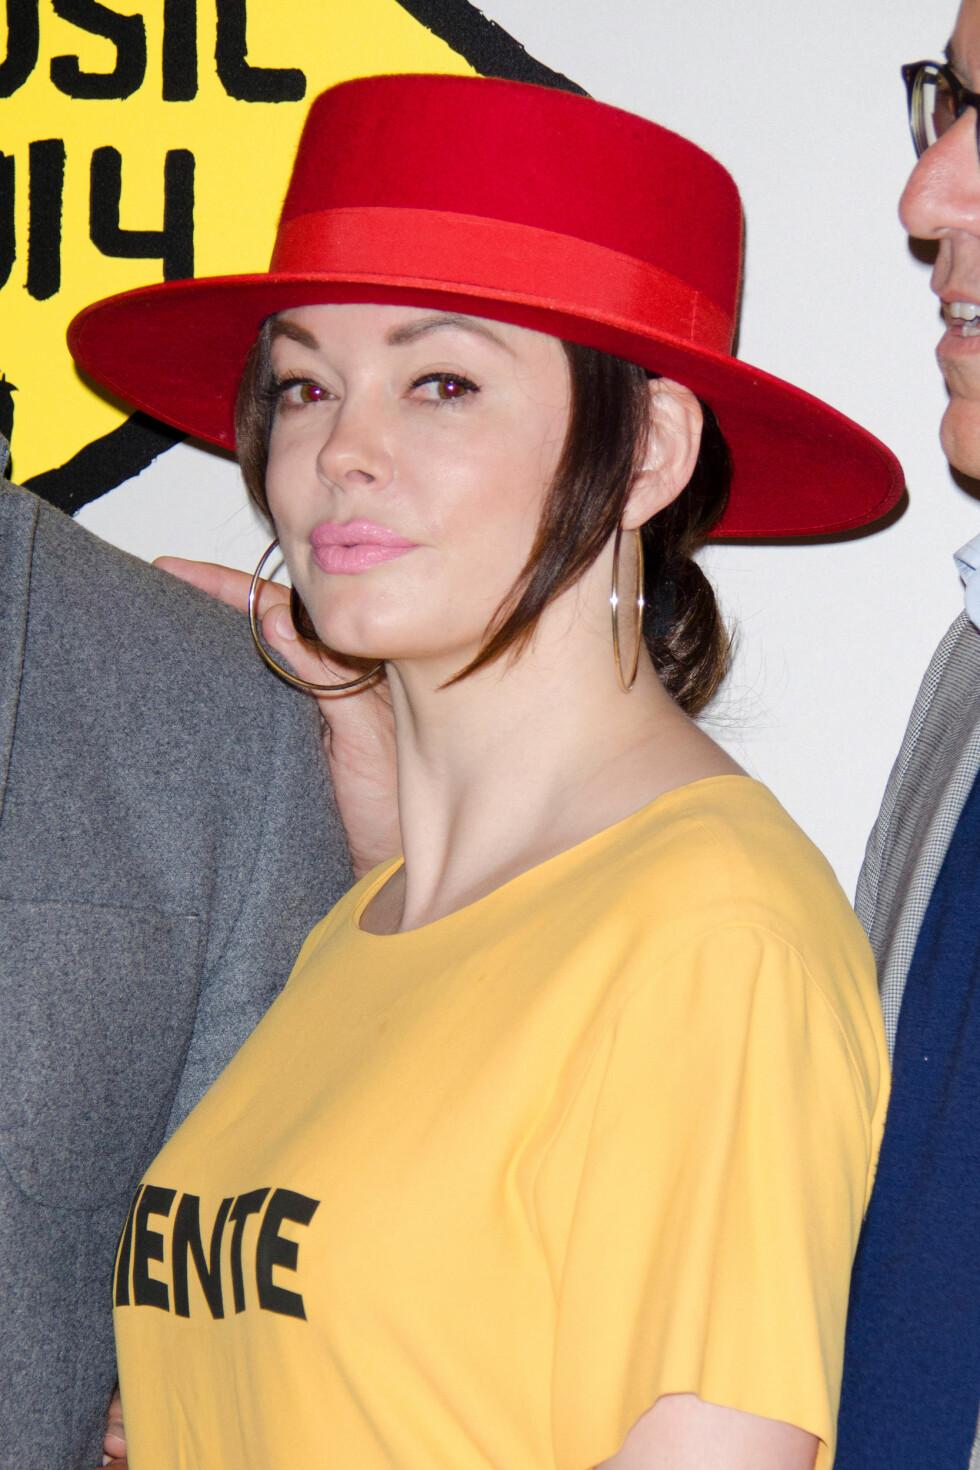 VÅREN 2014: En litt stram Rose McGowan på åpningen av  Sundance London Film & Music Festival i slutten av april i år. Foto: Stella Pictures